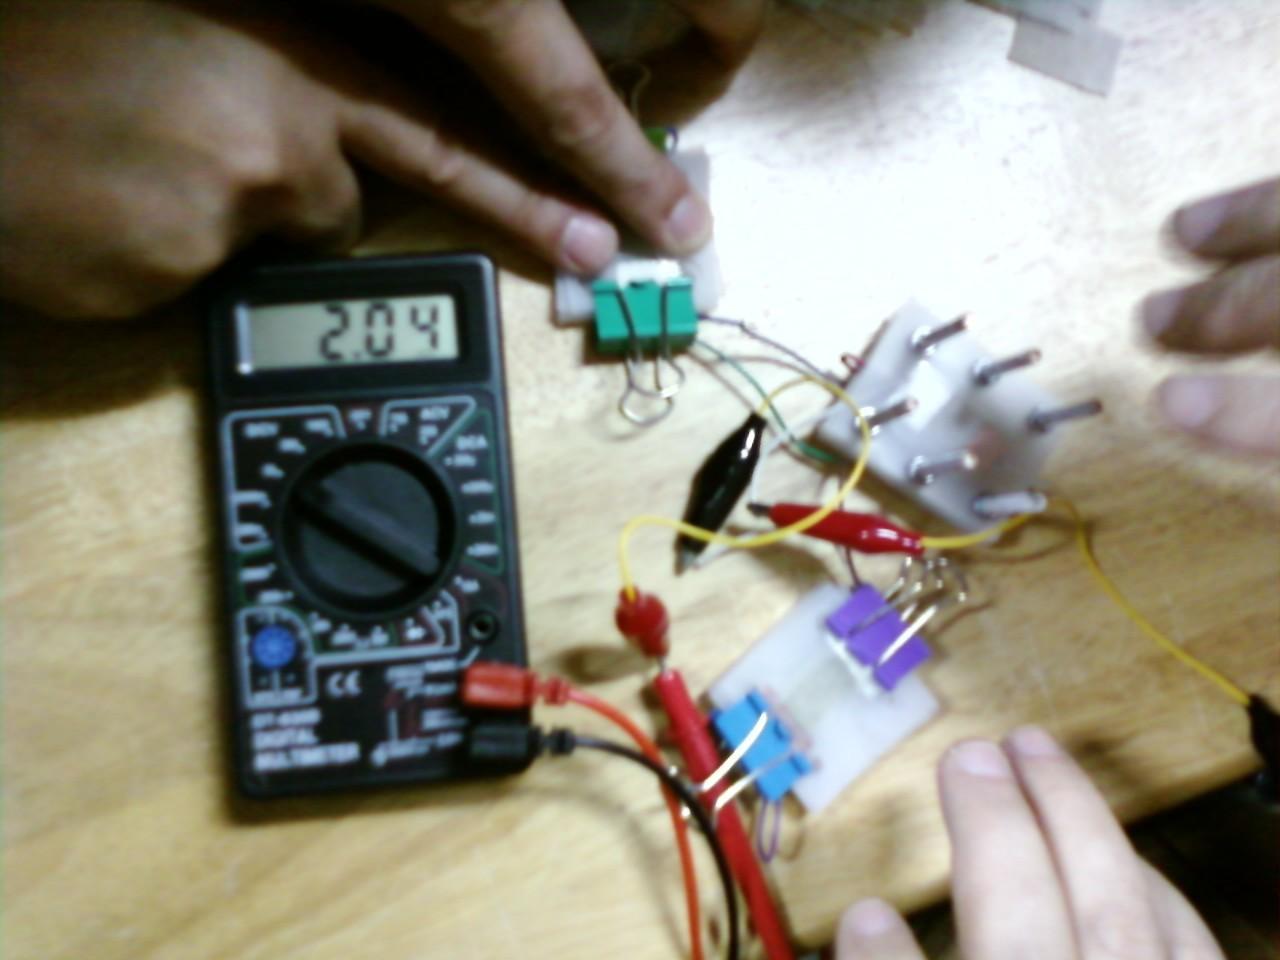 http://www.ribrt.org/images/NCWP-dcgenerator2.jpg